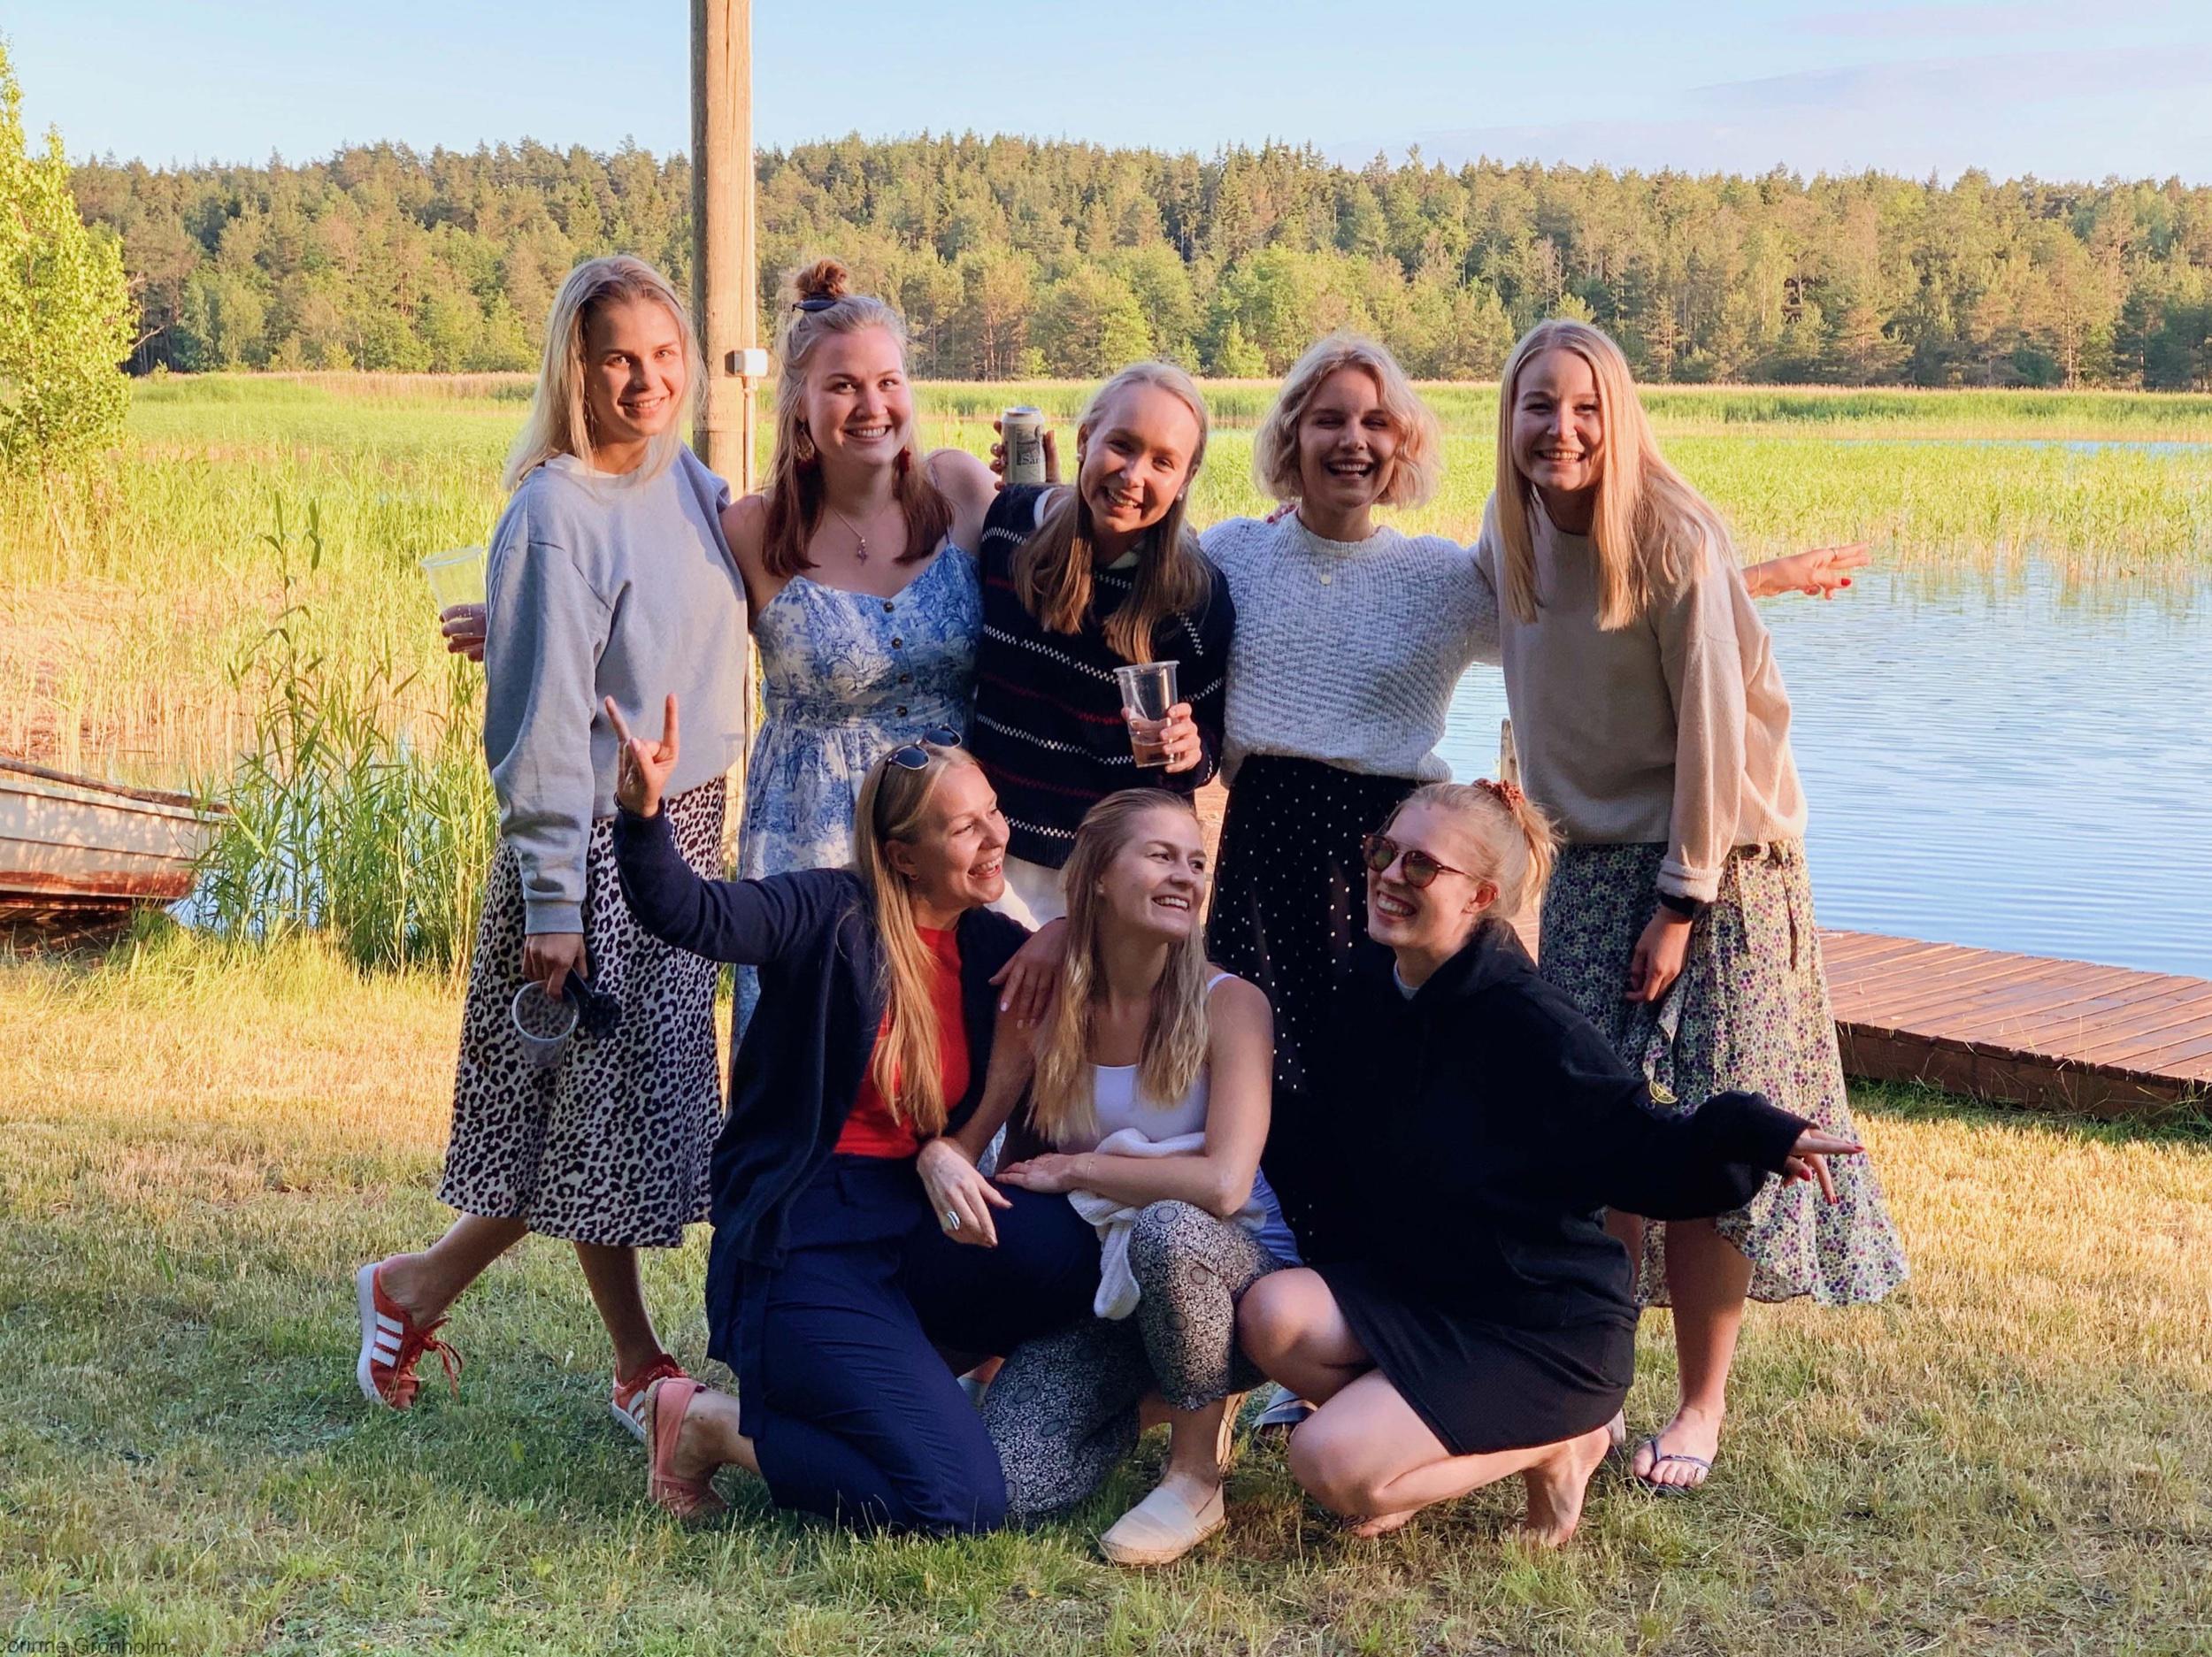 482e4f0829d9 På denna bild ser ni tjejerna jag firade midsommaren med och så var det  även ett gäng grabbar, som denna gång inte var med på bild. Vi var som sagt  i ...